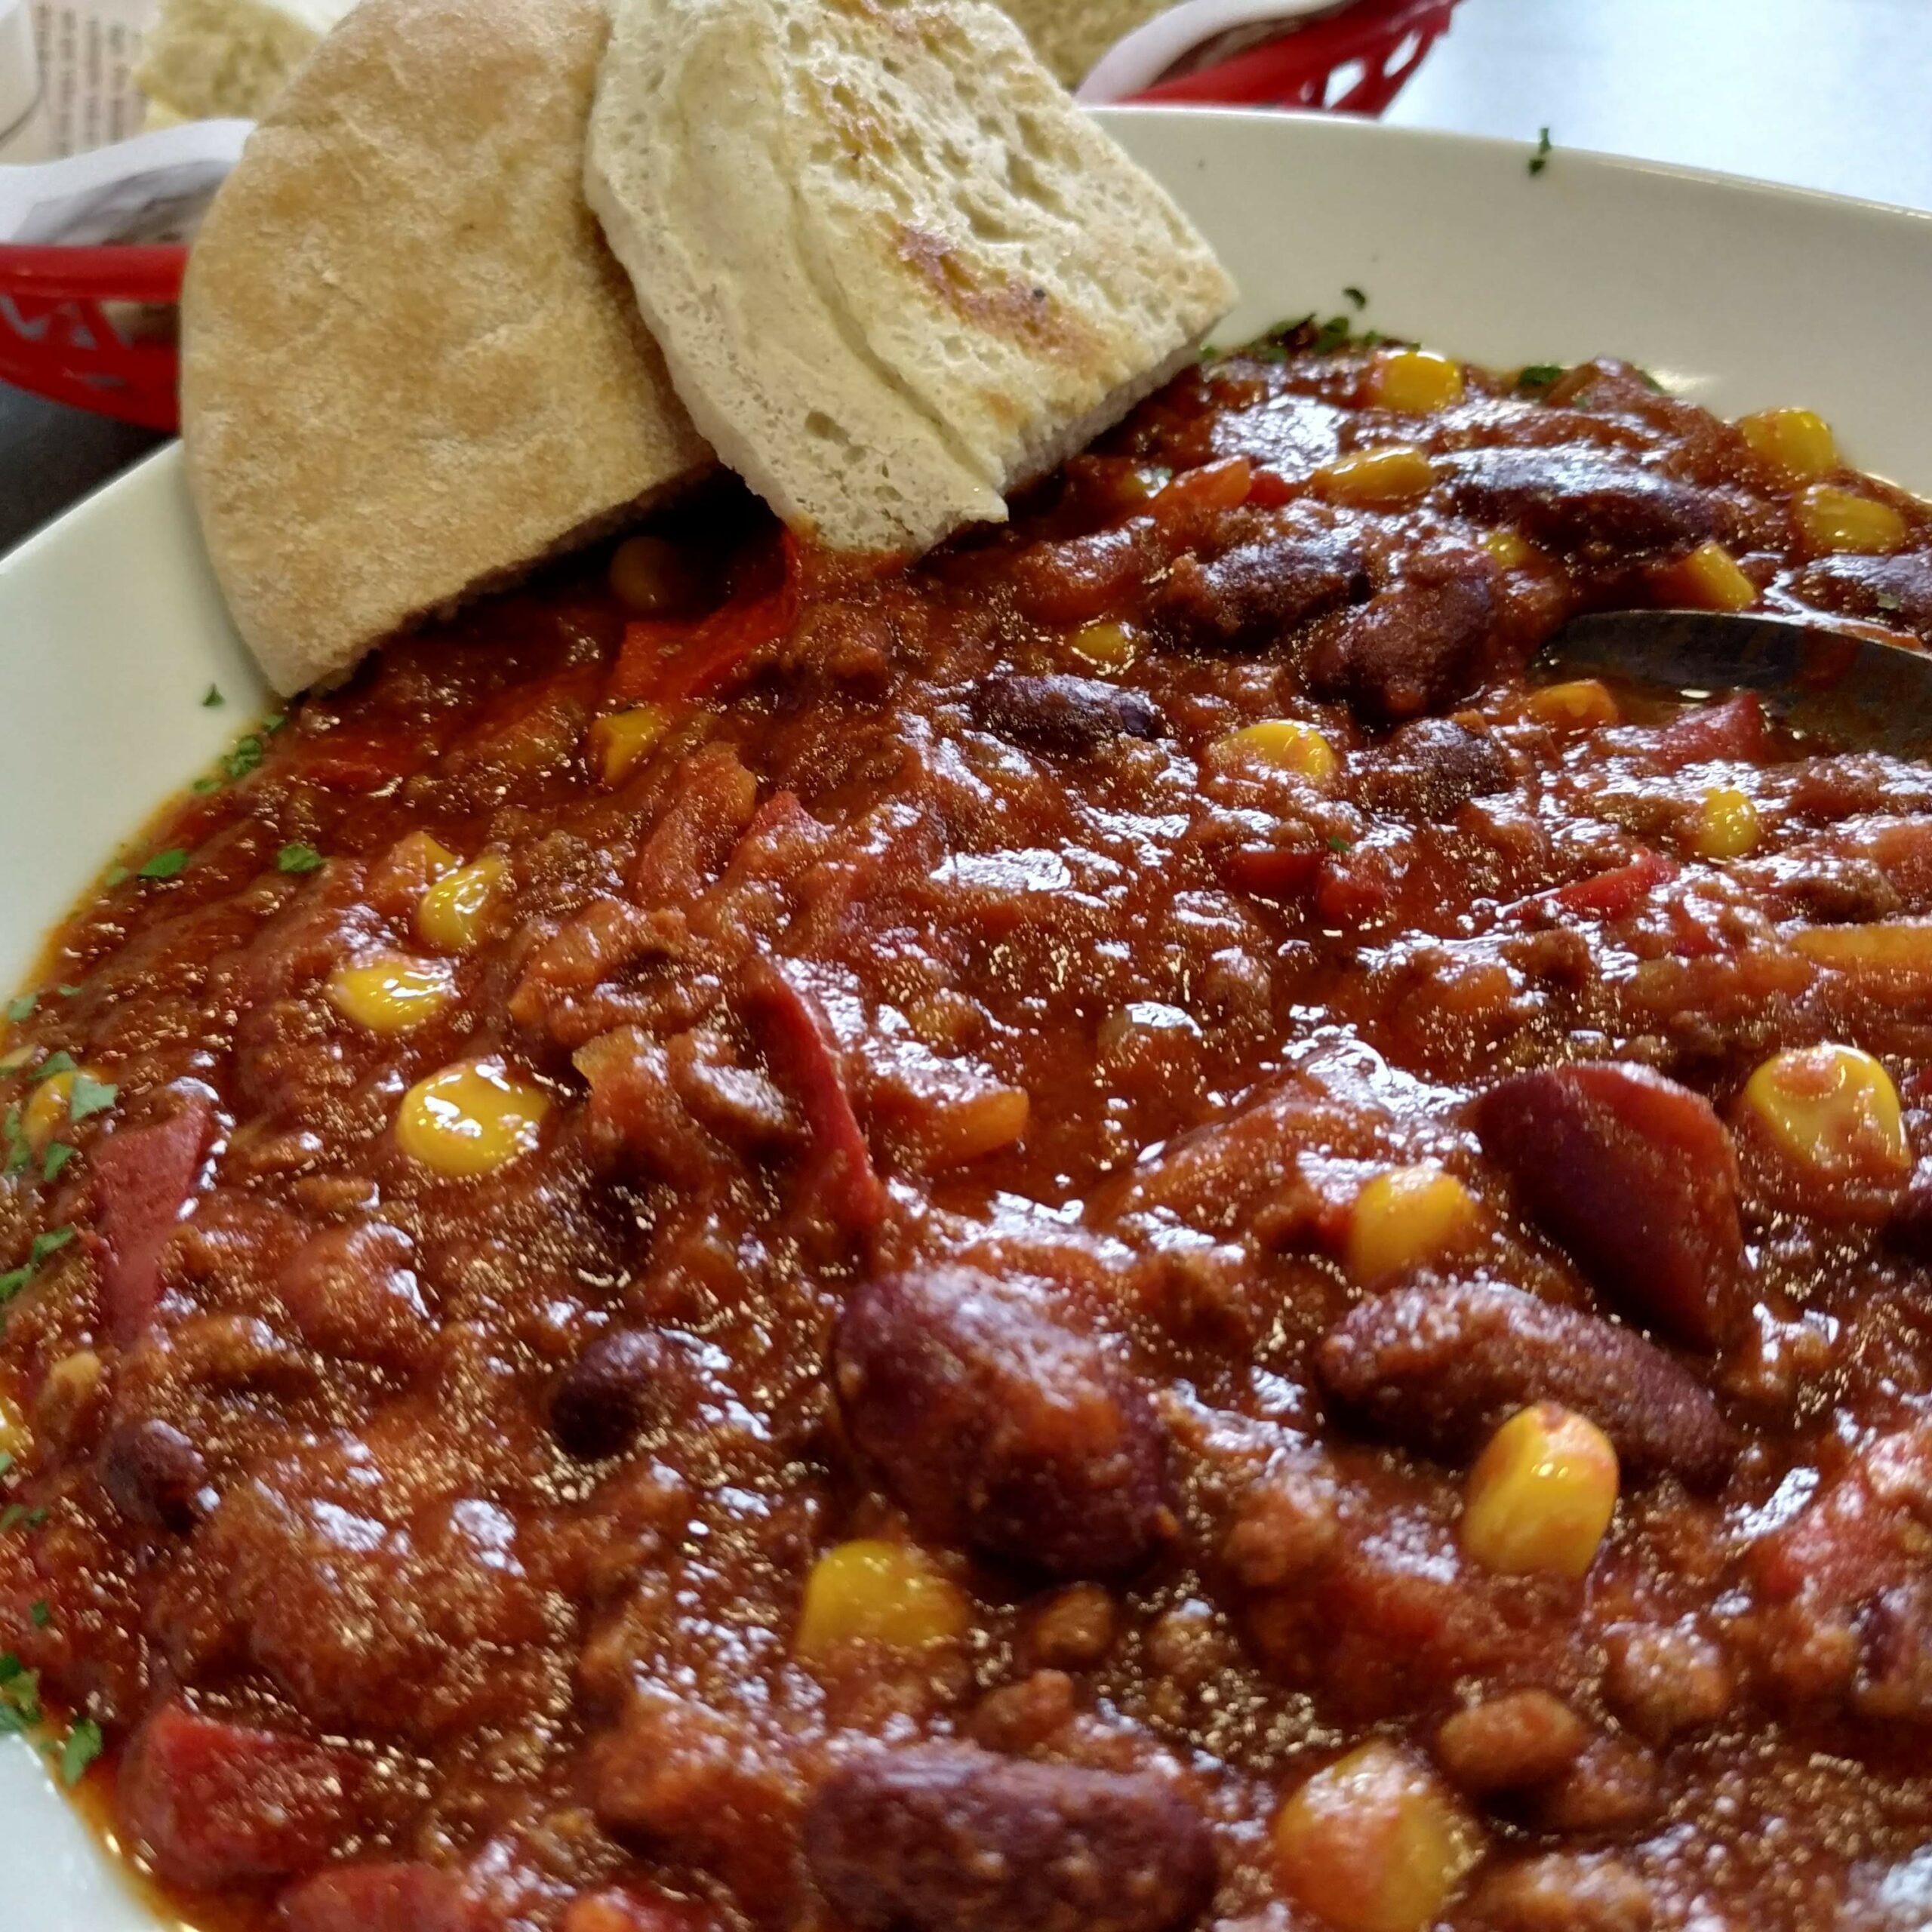 Willi's Homemade Chili